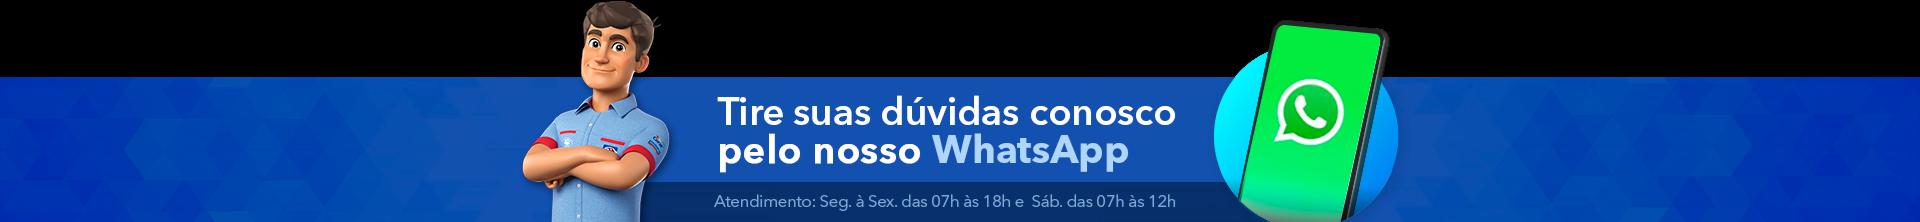 Tire suas dúvidas com o nosso whatsApp - Clube da Casa Maiolini Madeiras